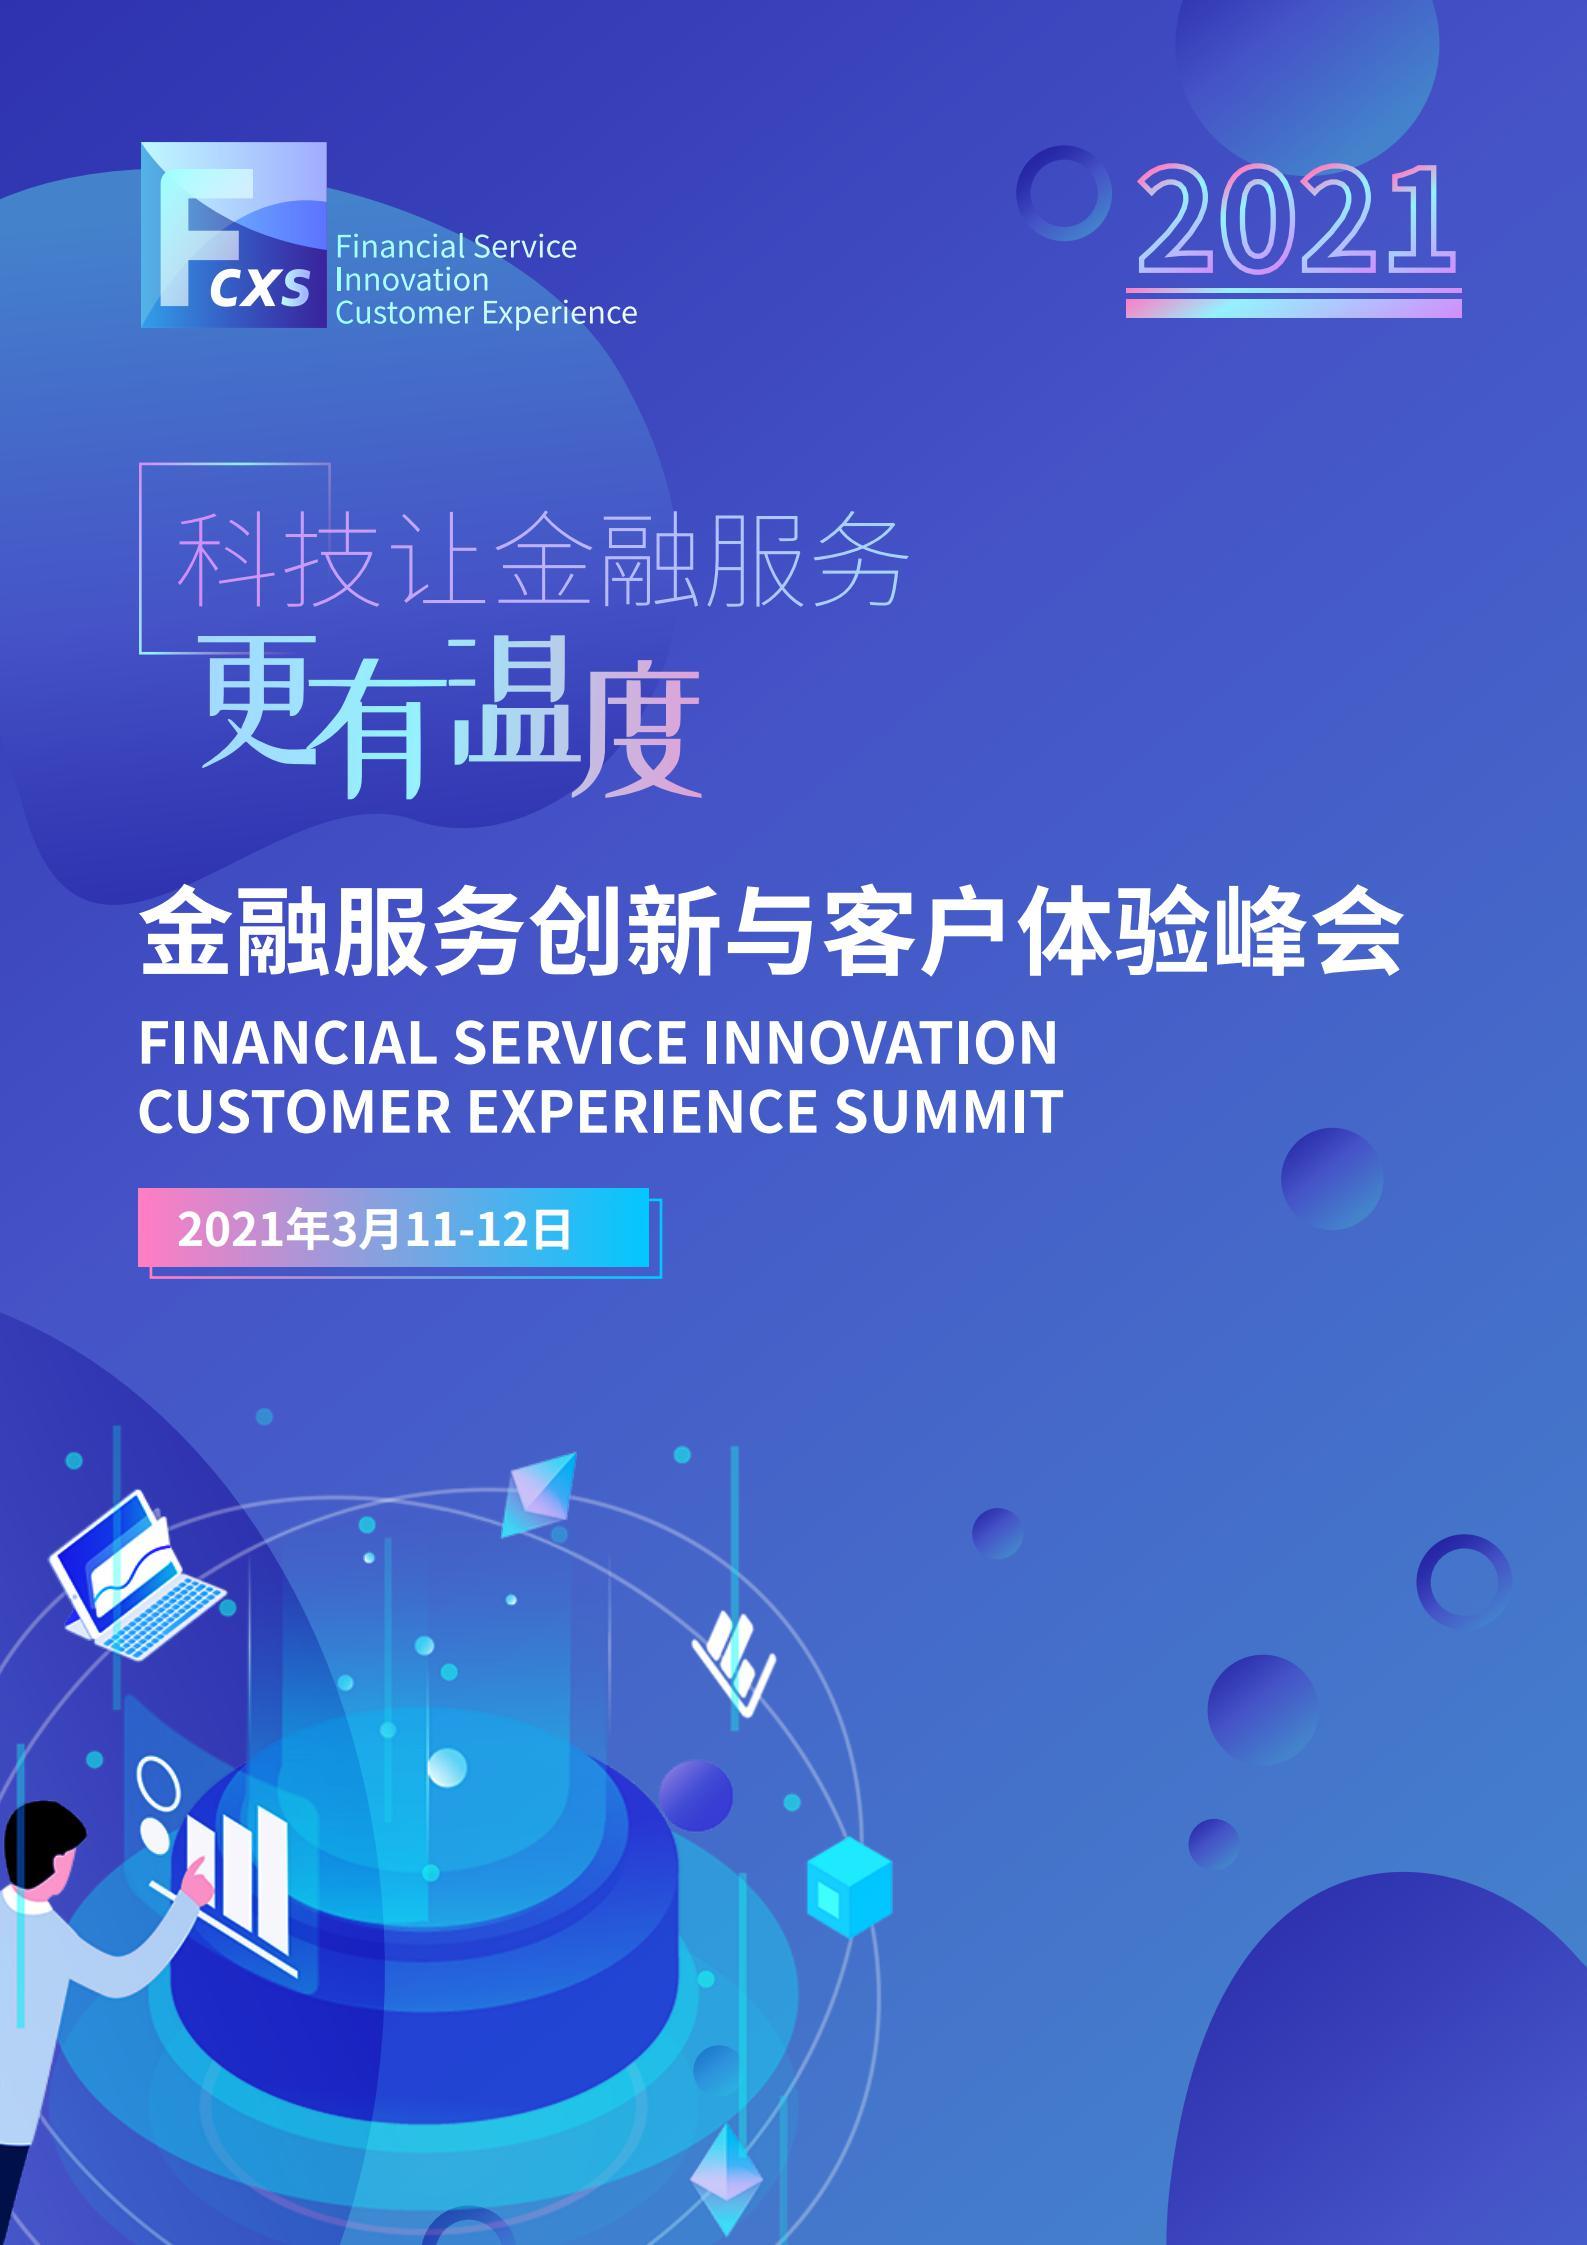 2021金融服务创新与客户体验峰会